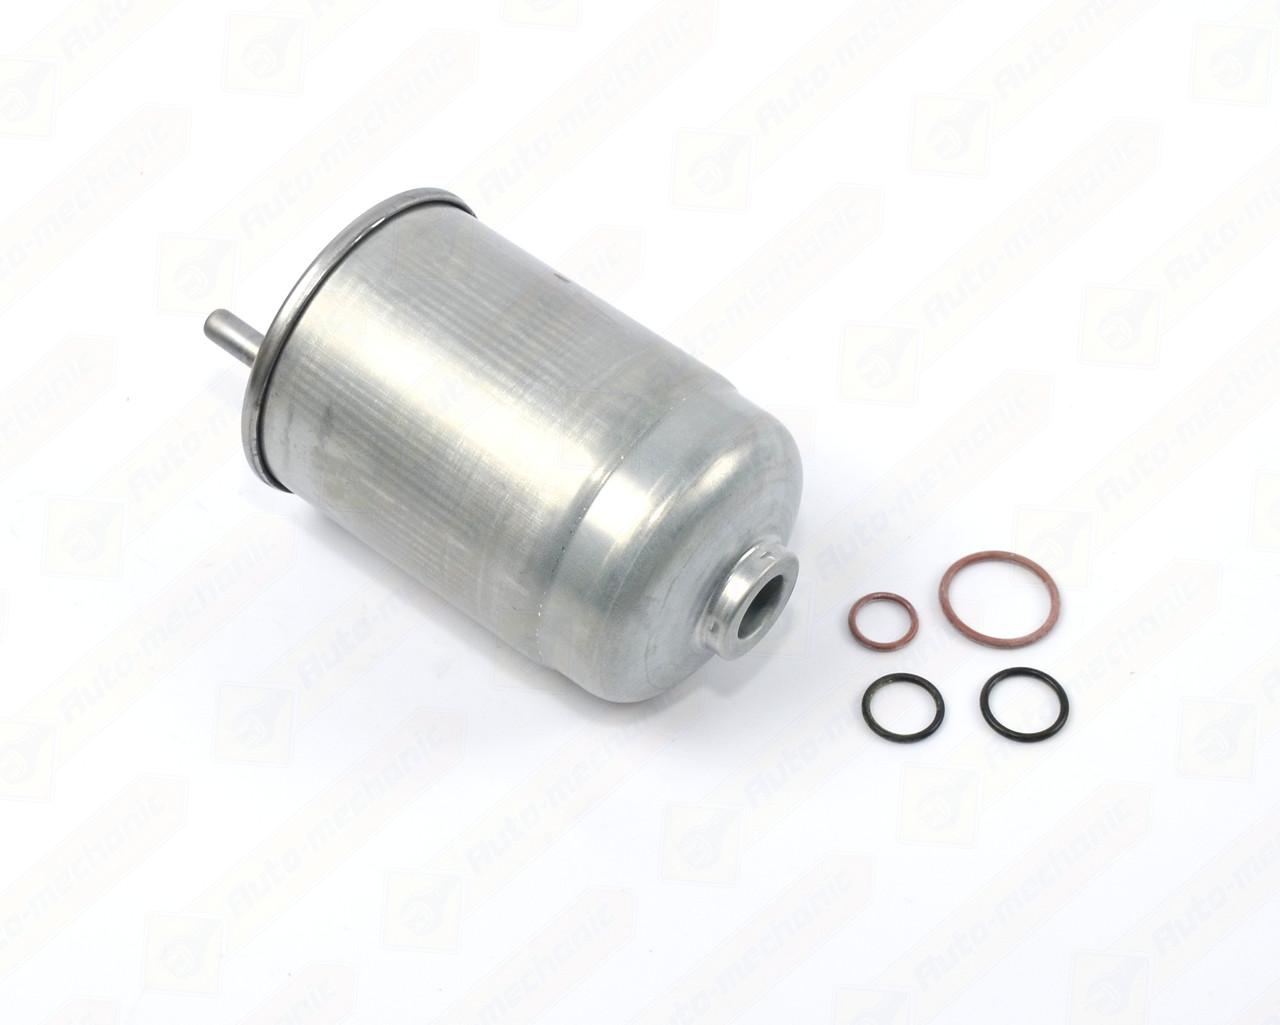 Фильтр топливный на Renault Megane III - 1.5dCi+2.0dCi Renault (Оригинал) - 164006435R